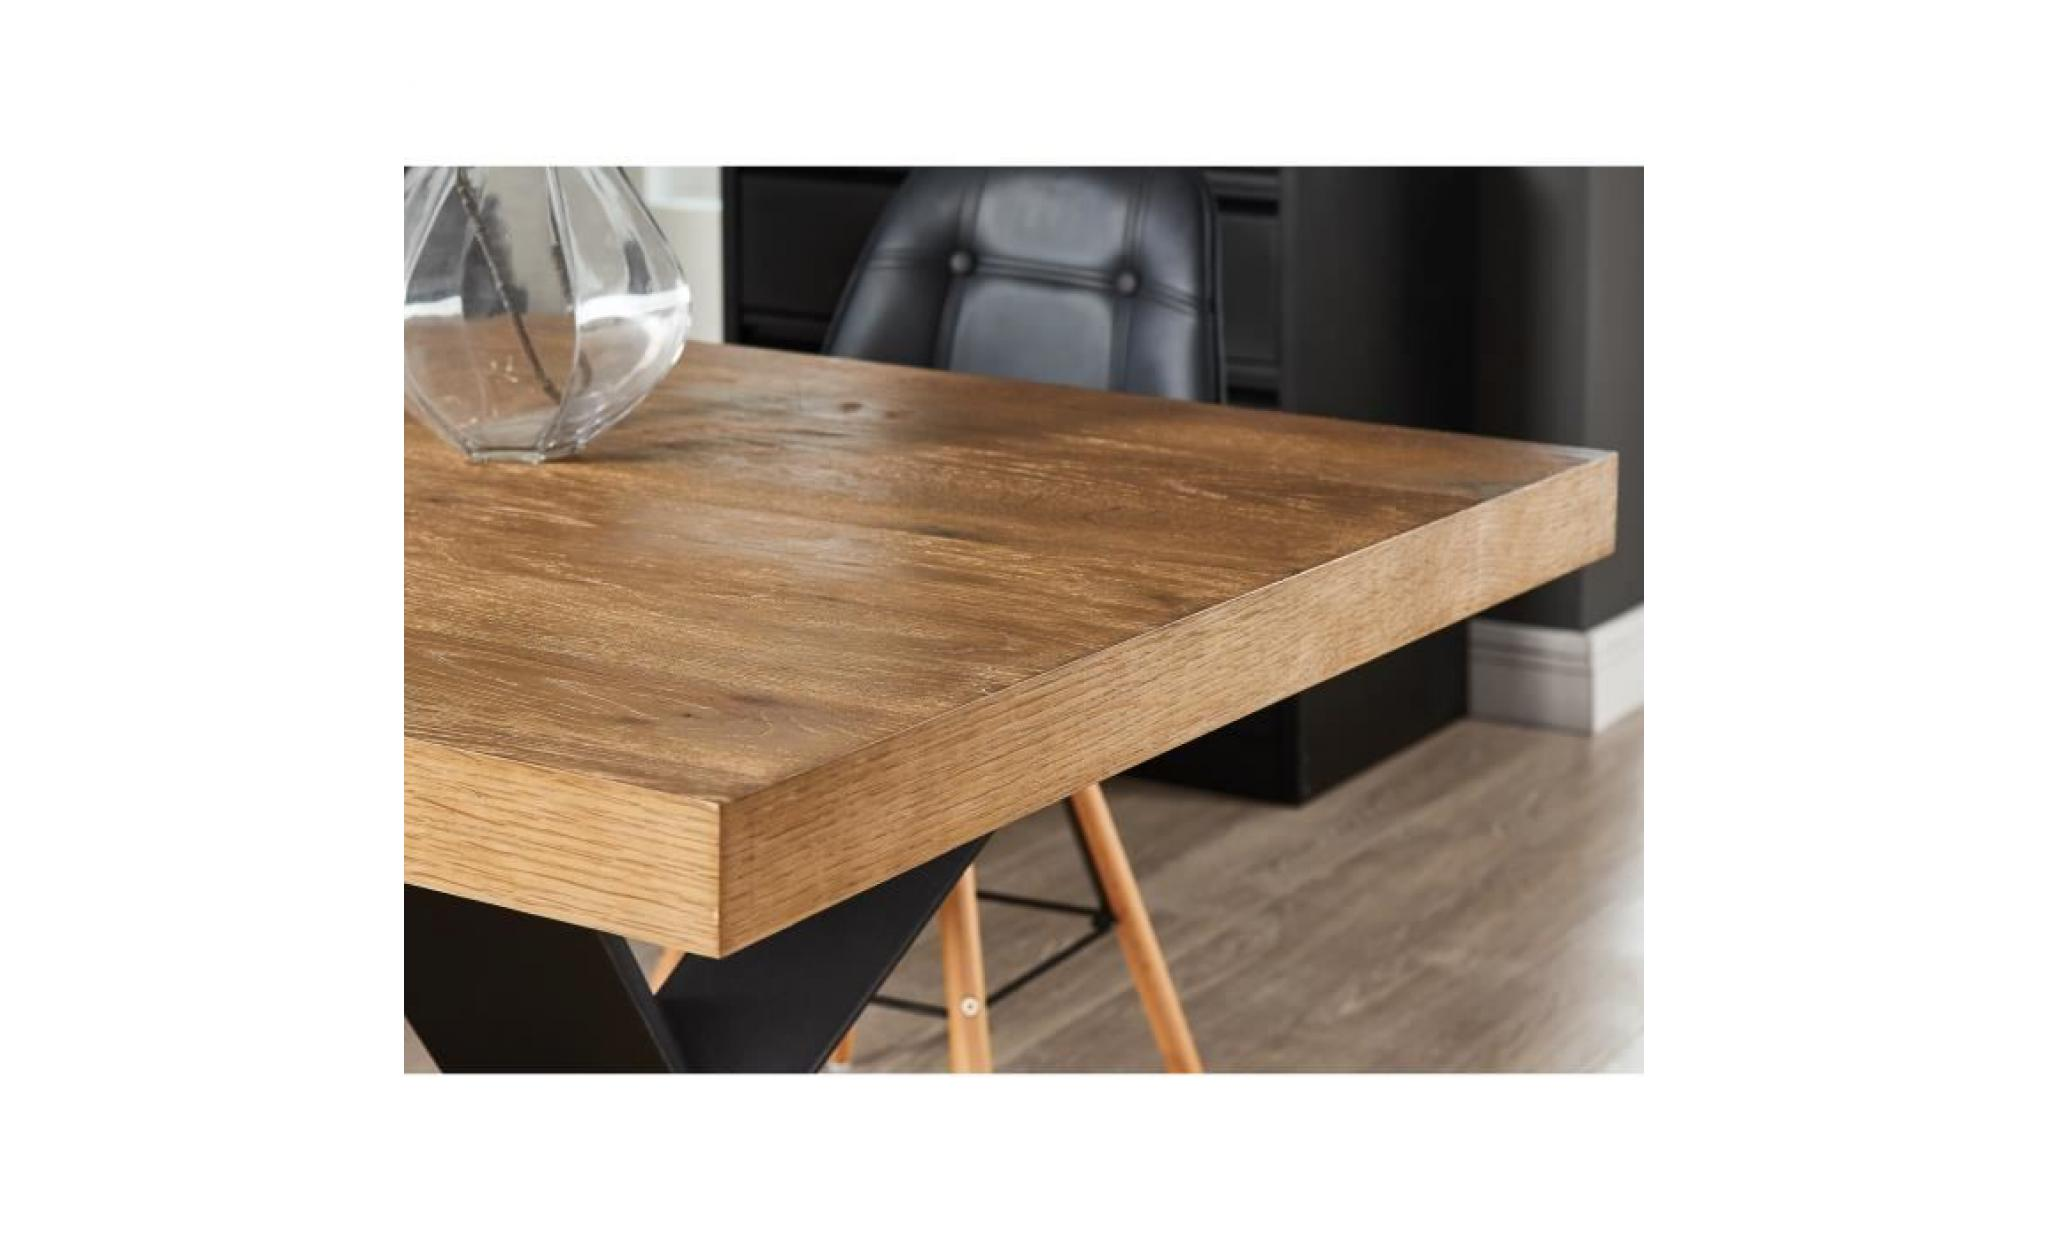 platon table à manger de 6 à 8 personnes style industriel placage bois  chêne + pieds métal laqué noir l 180 x l 90 cm